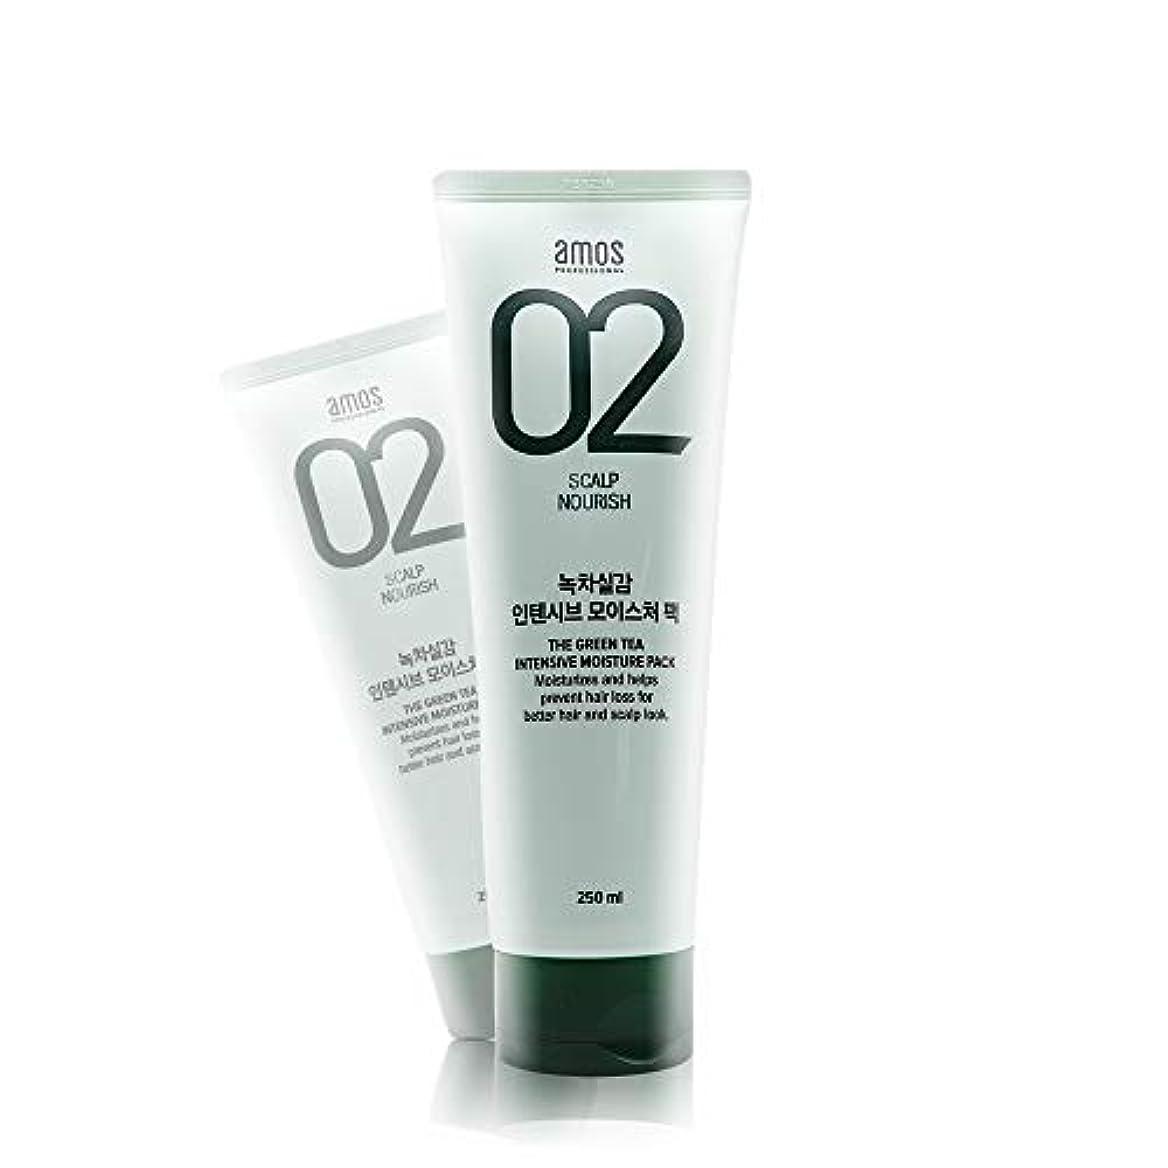 コンドーム提出する神のアモス AMOS 緑茶実感インテンシブモイスチャーパック 250g, Feel the Green Tea Intensive Moisture Hair Pack